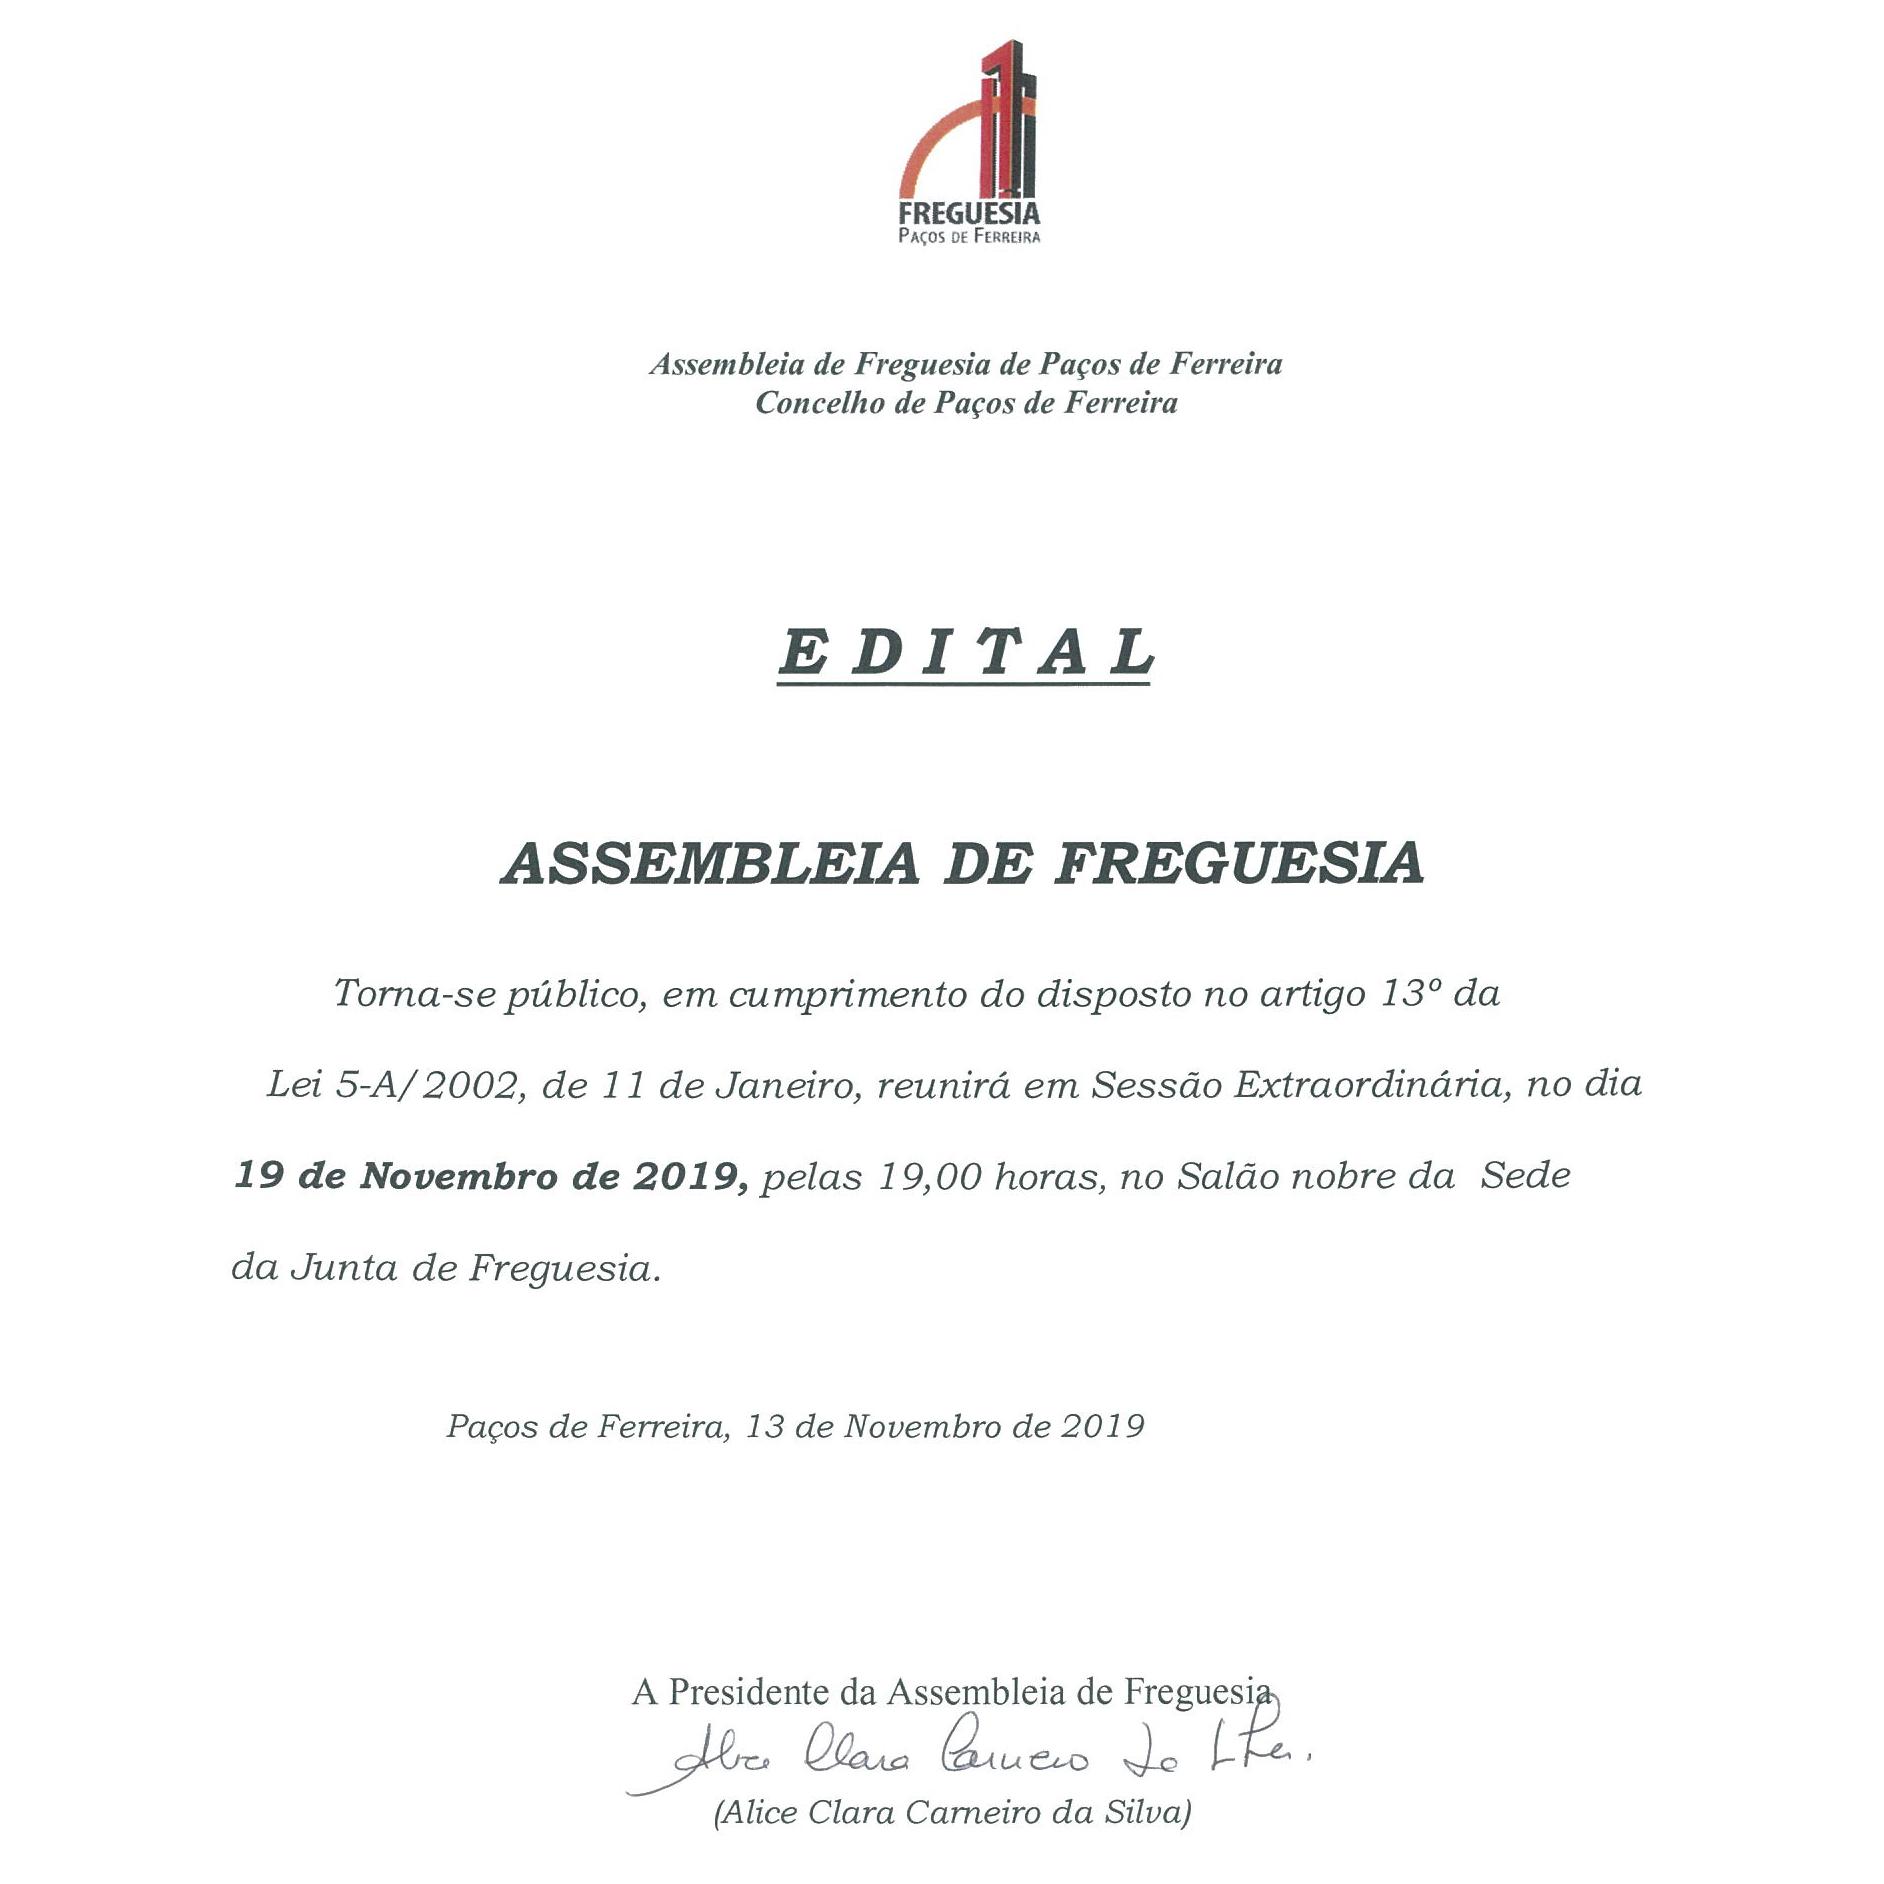 ASSEMBLEIA DE FREGUESIA